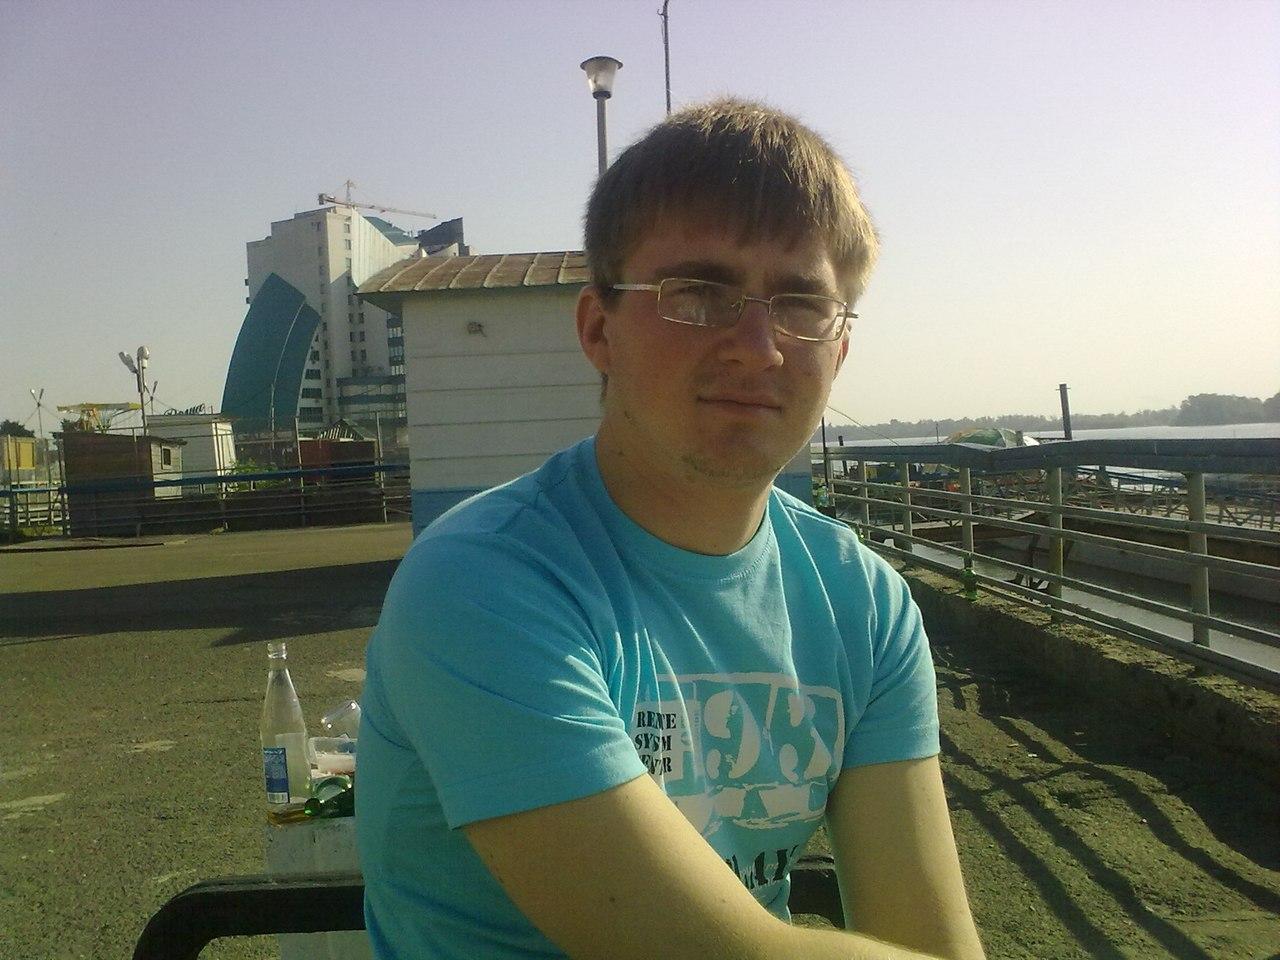 Алтайский Минздрав начал проверку внезапной смерти молодого анестезиолога на дежурстве